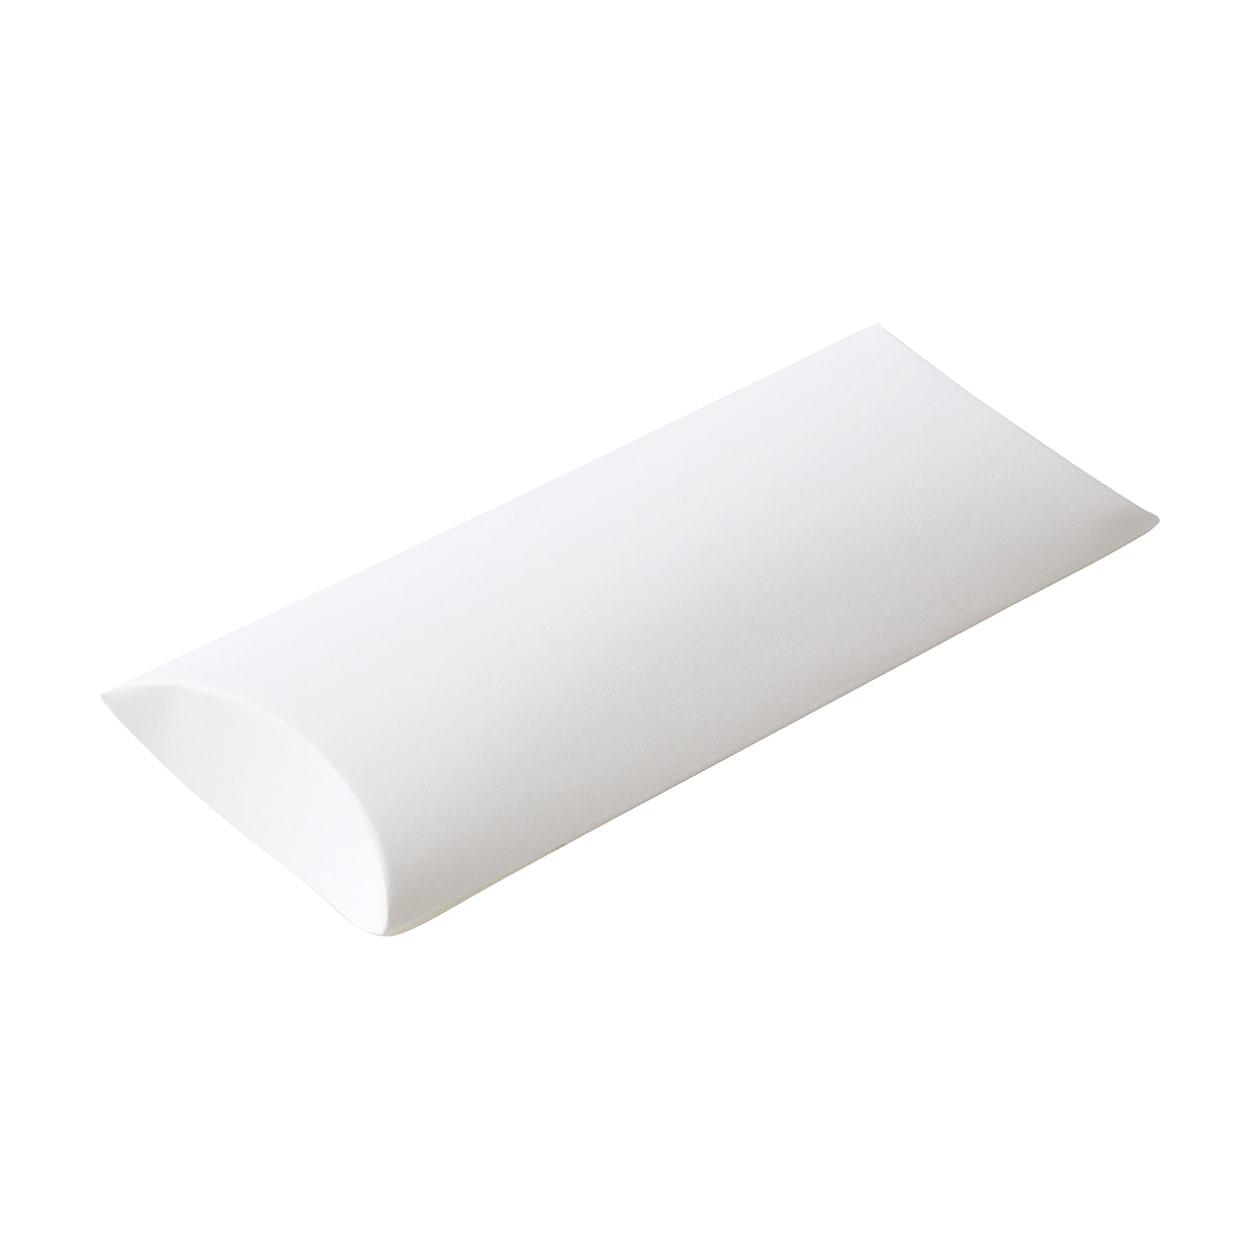 ピローケース70×170×20 コットン スノーホワイト 232.8g